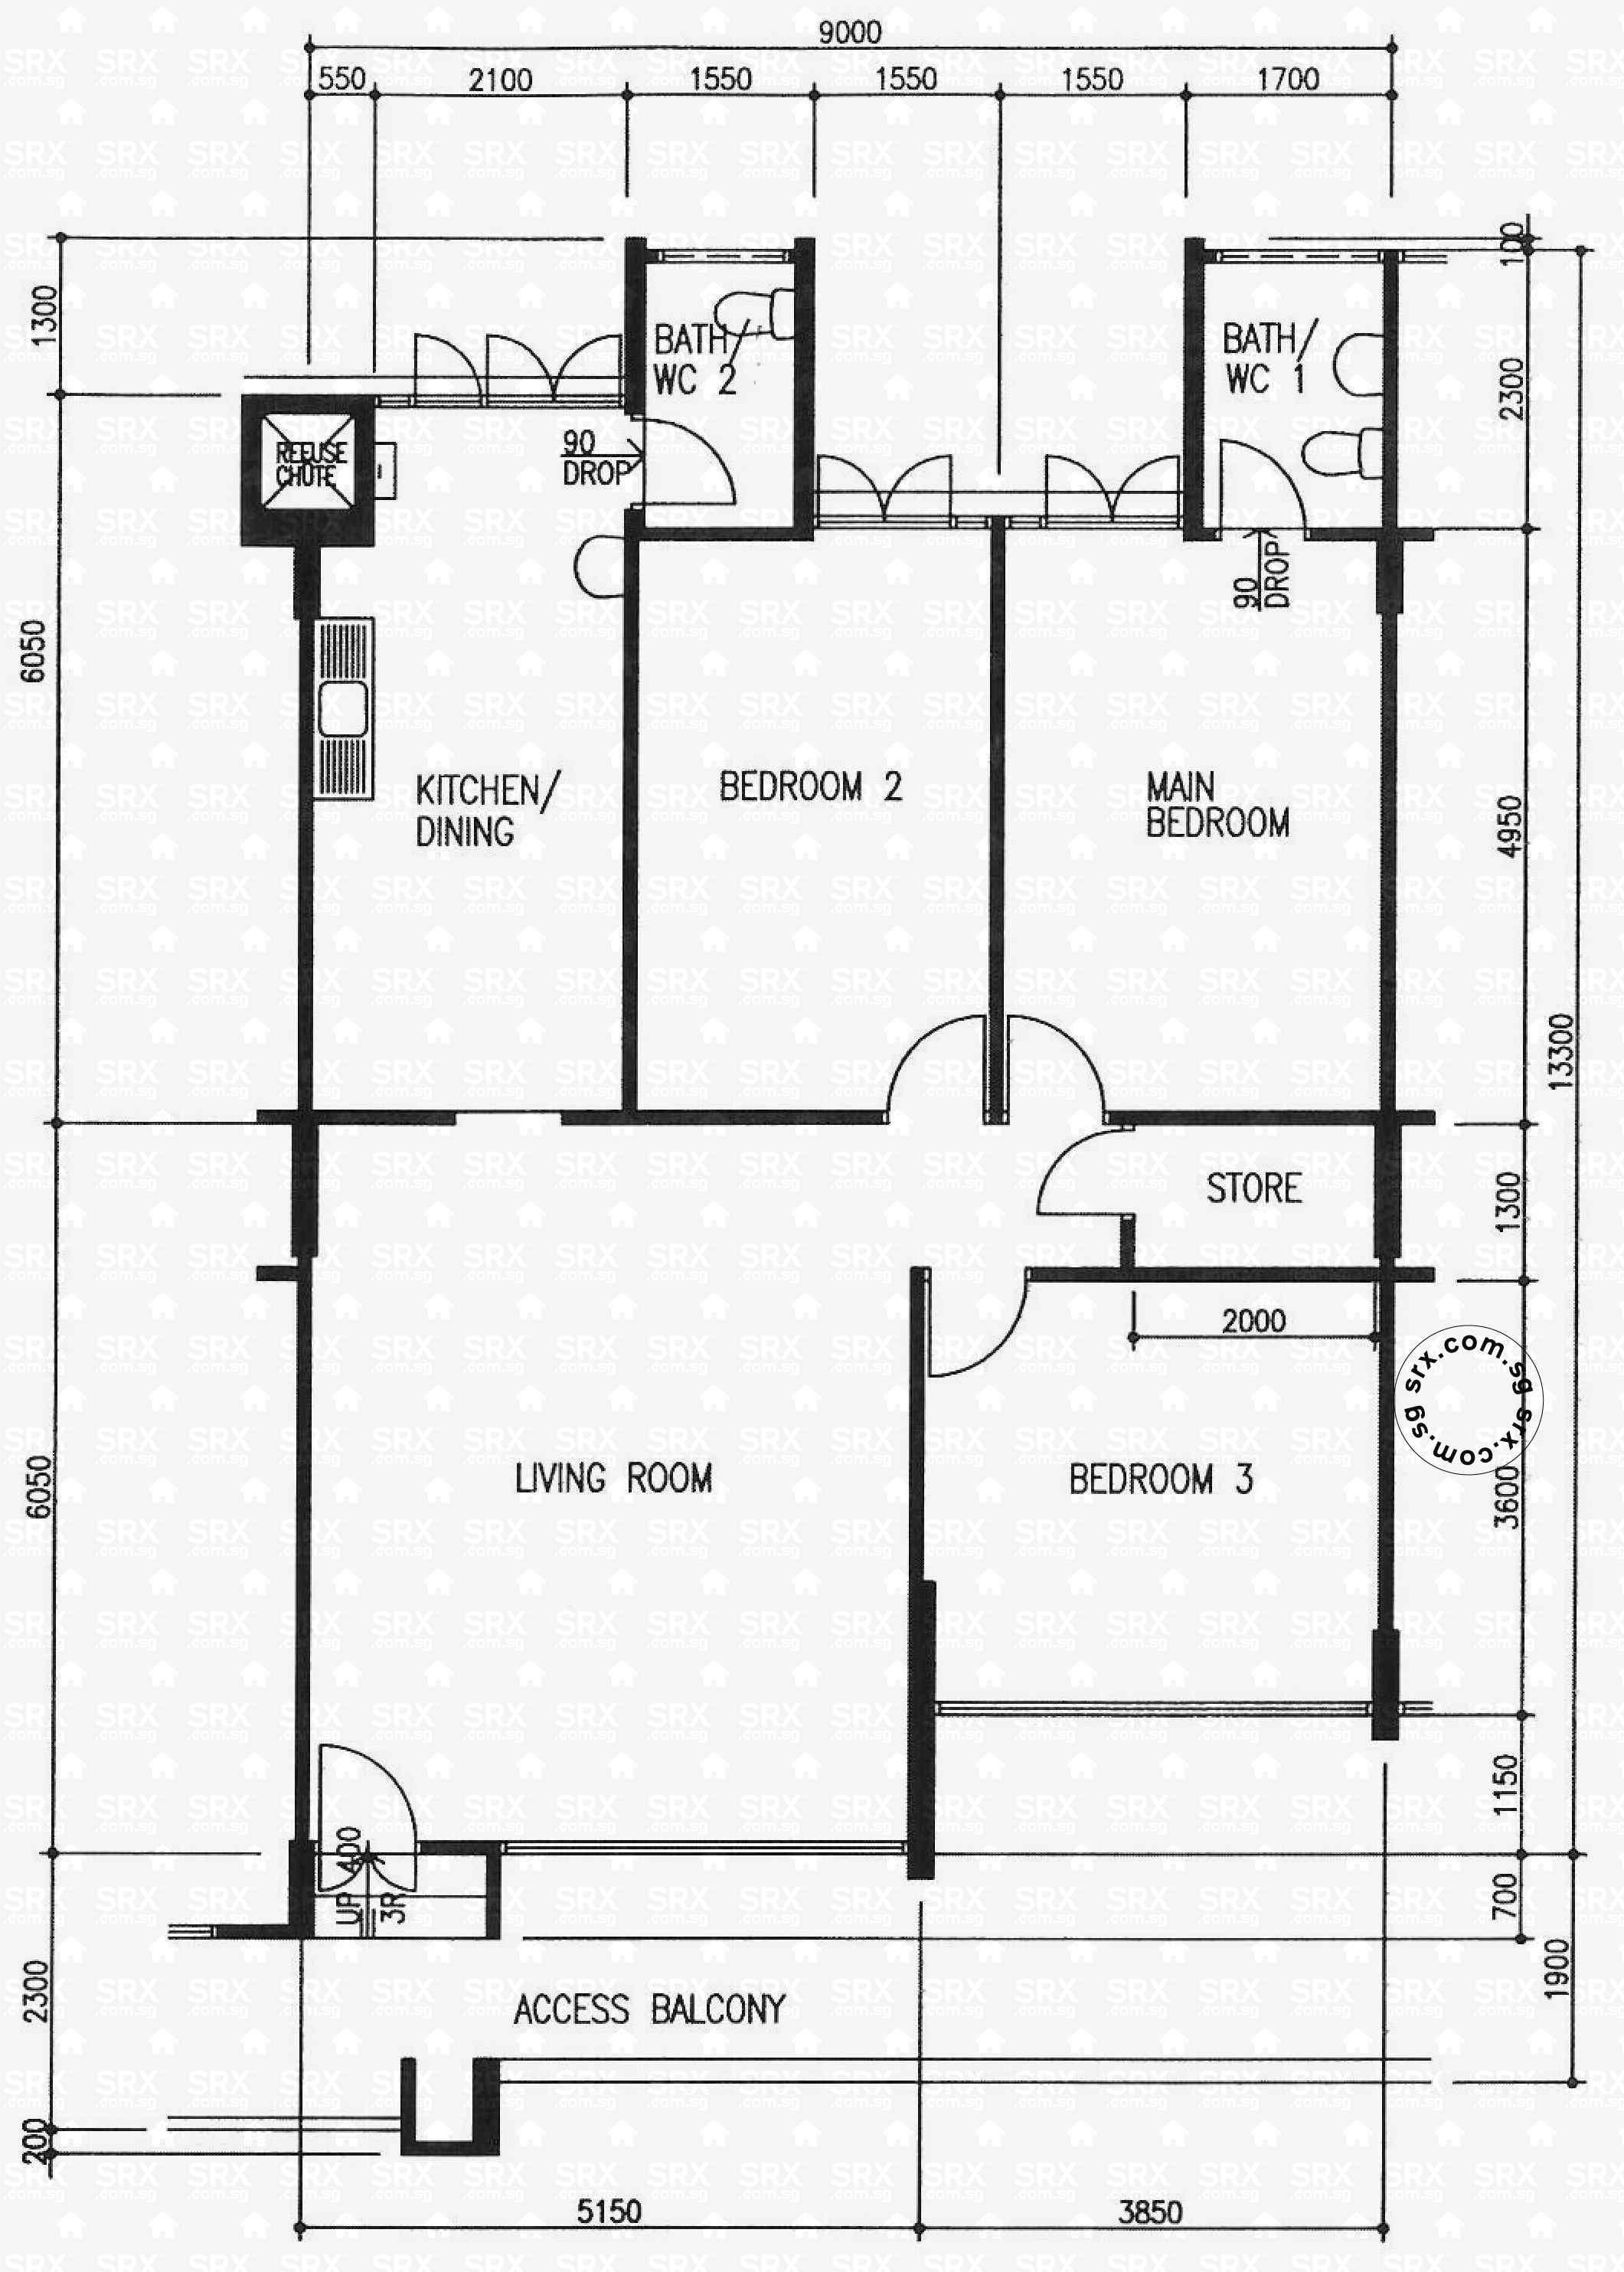 yishun avenue  hdb details  srx property - yishun avenue  floor plan image